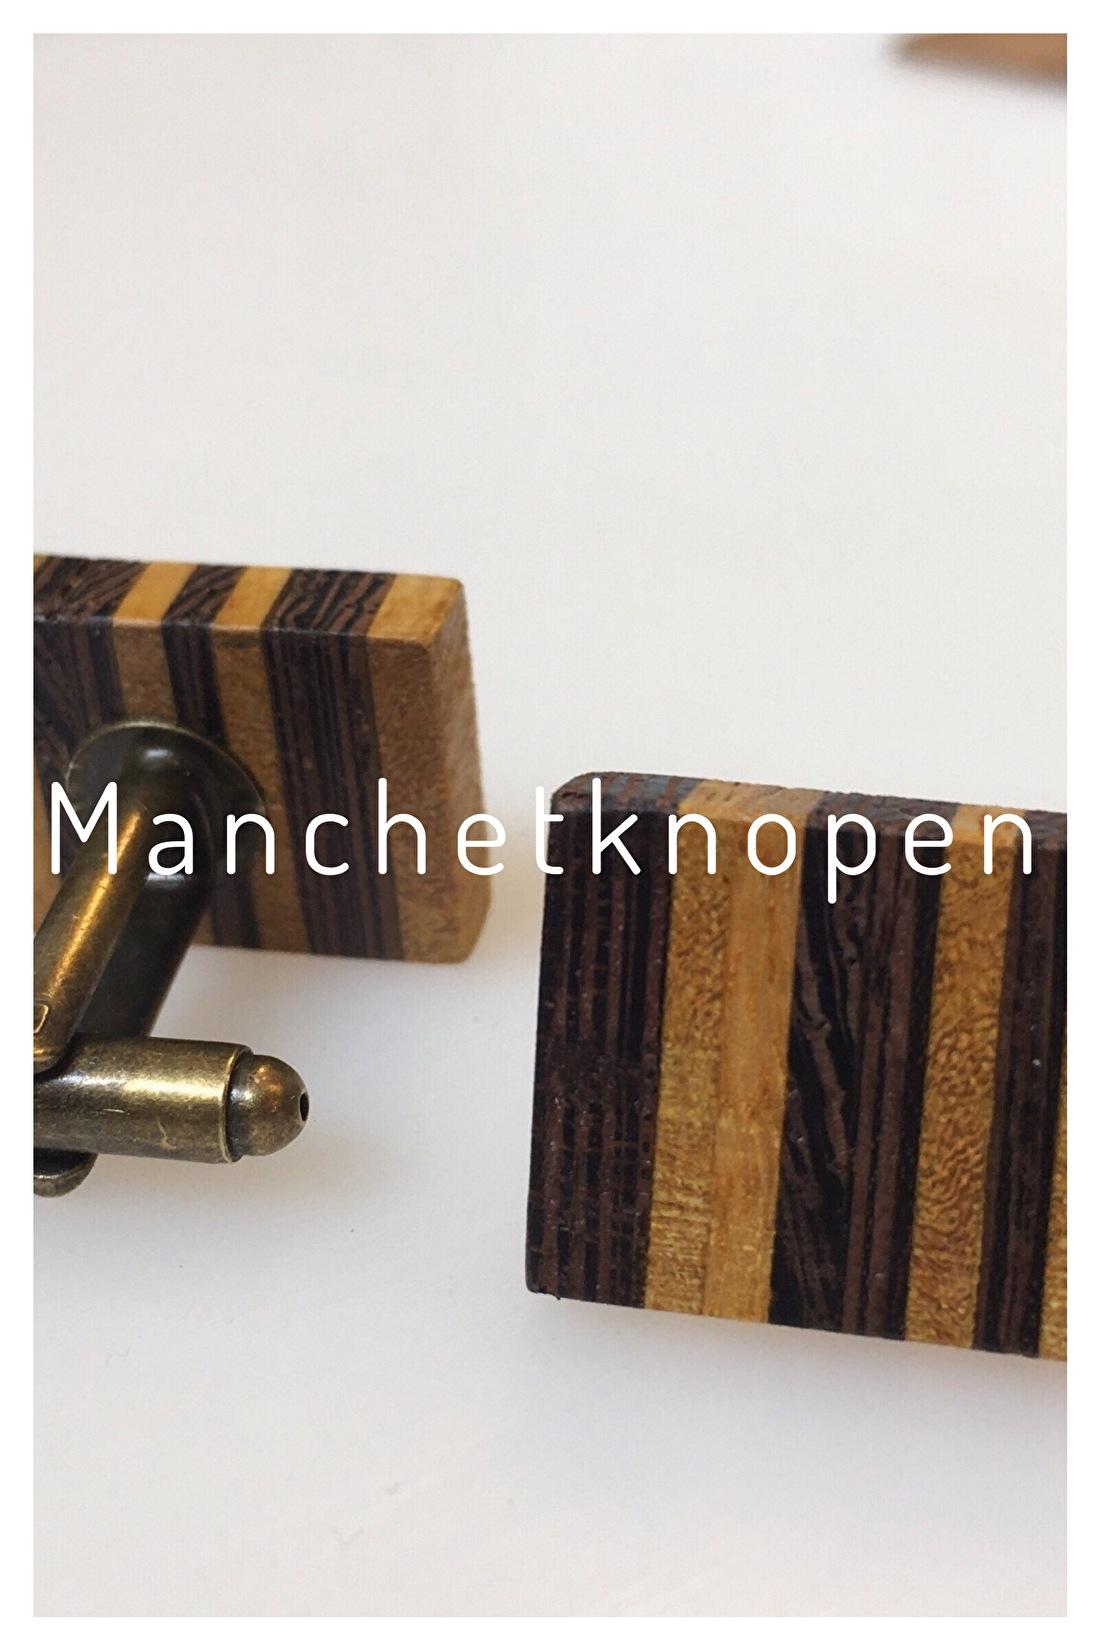 producten_home_studio_mooibos_houten_lampen_wandhaken_ringen_sieraden_oorbellen_manchetknopen_vanhout-5461.jpg